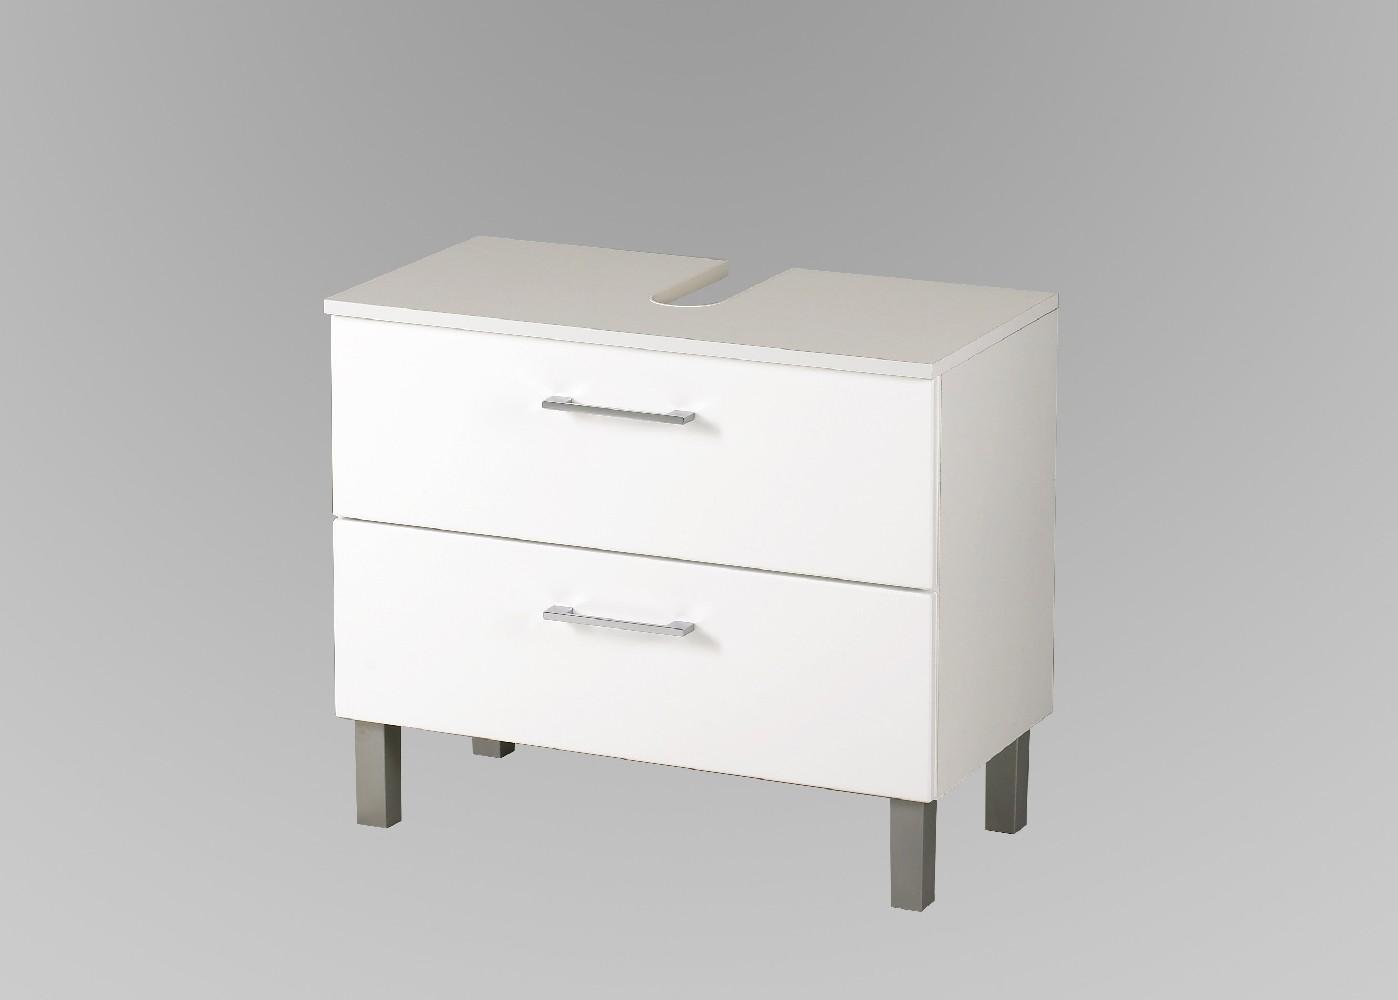 badm bel set next 5 teilig 140 cm breit hochglanz wei bad badm belsets. Black Bedroom Furniture Sets. Home Design Ideas